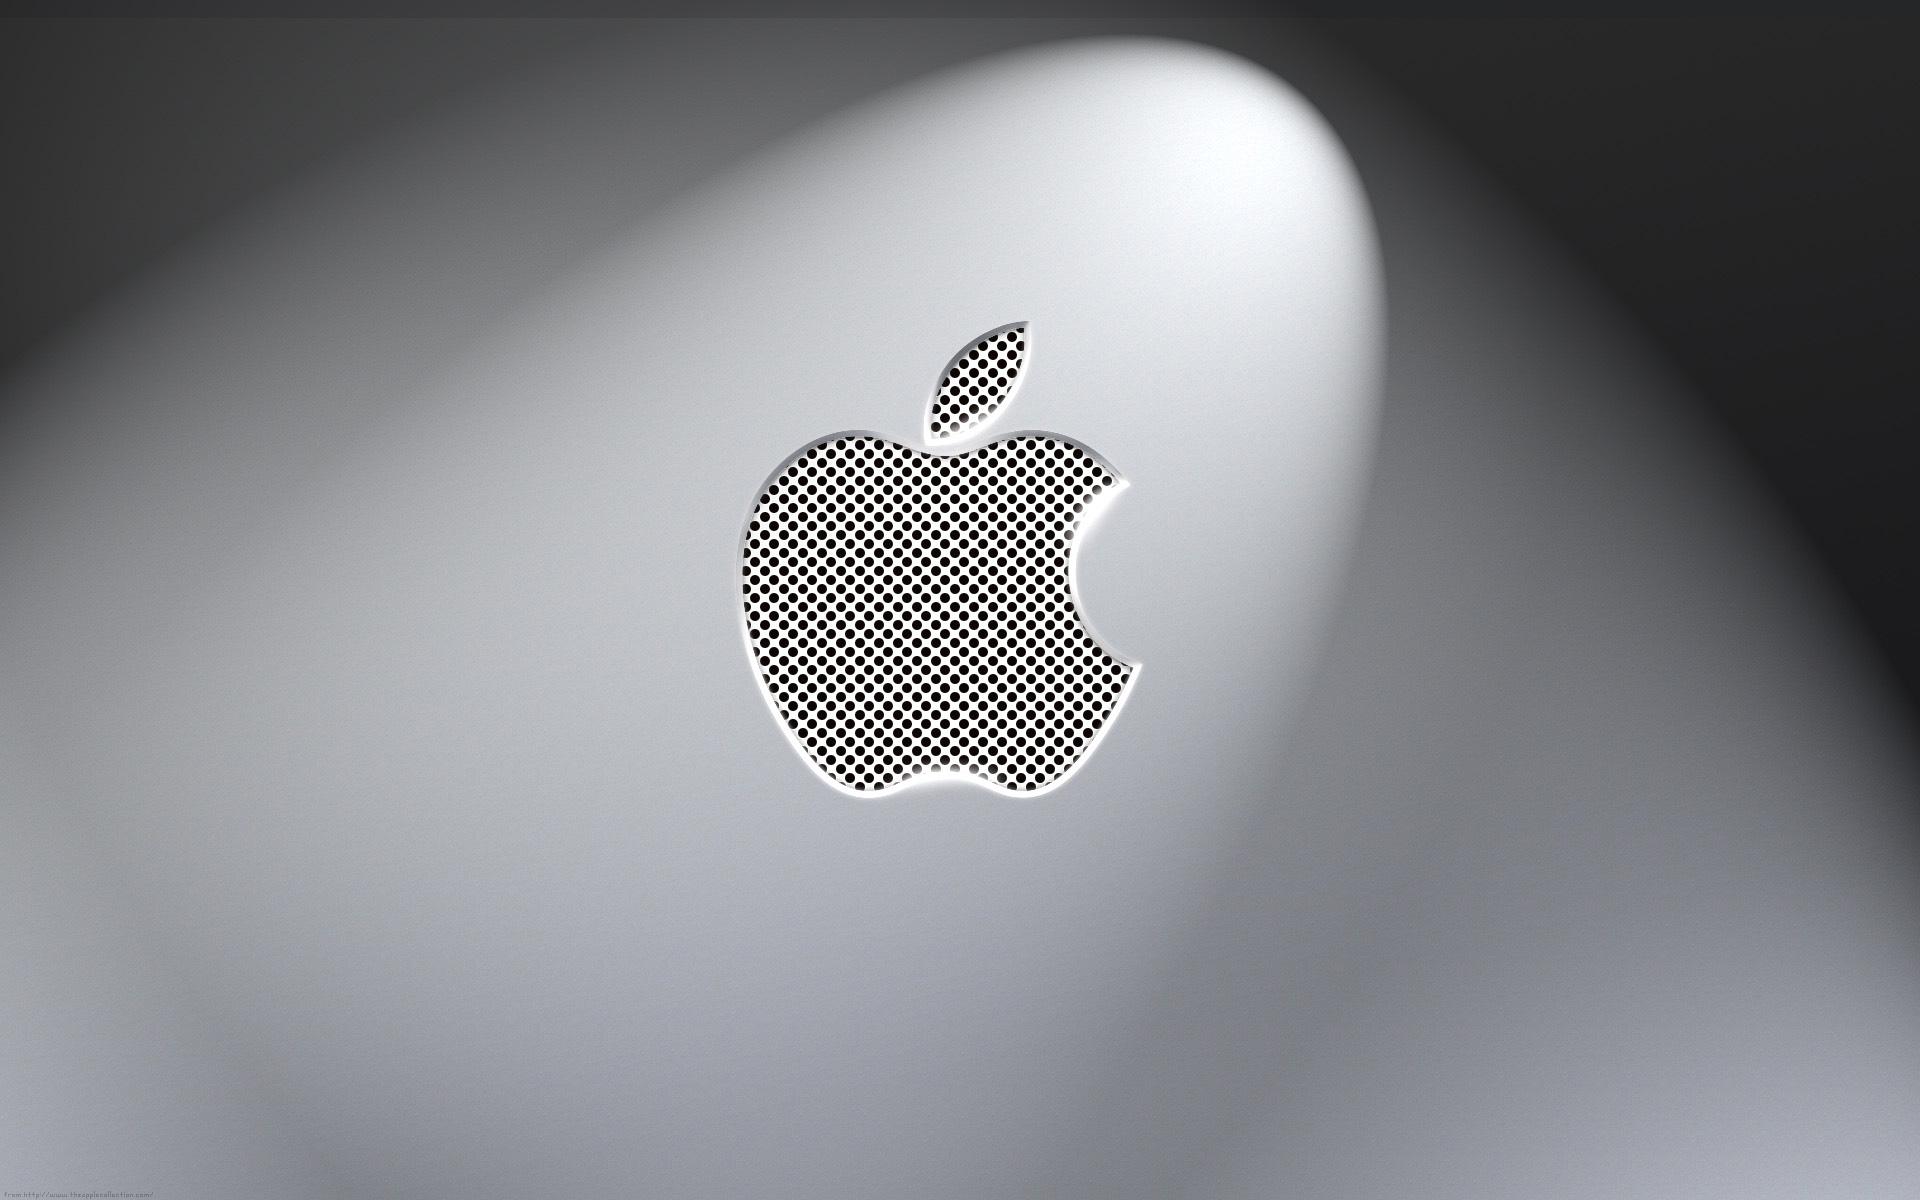 Macbook Laptop HD Wallpapers